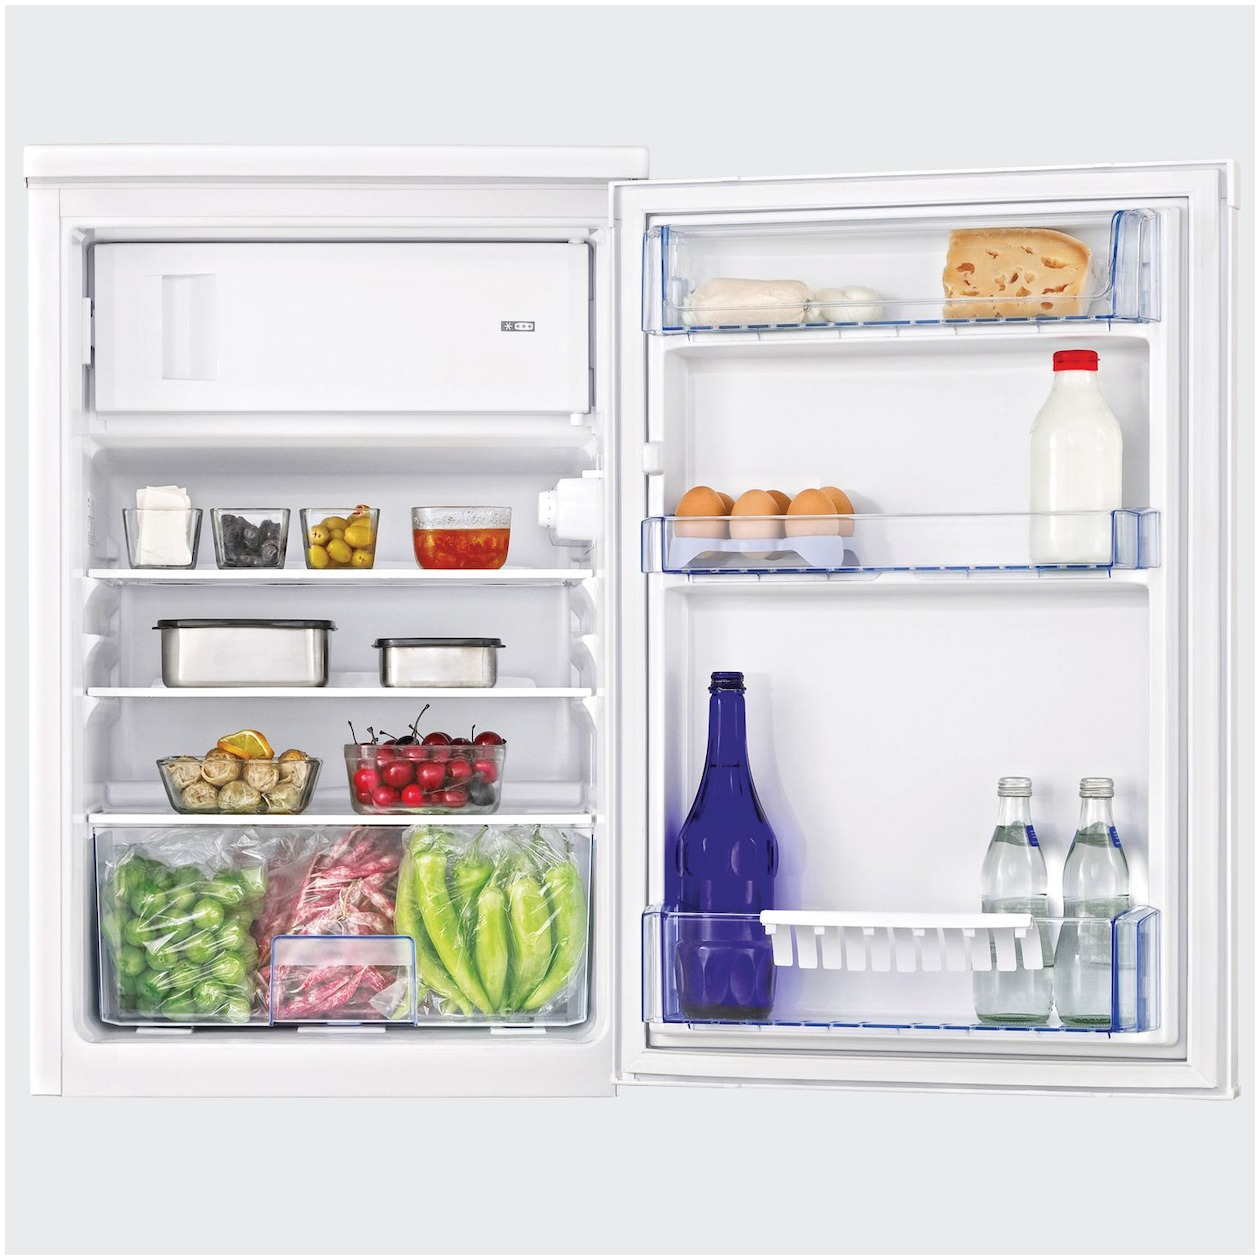 Beko koelkast met vriesvak TSE1284 - Prijsvergelijk